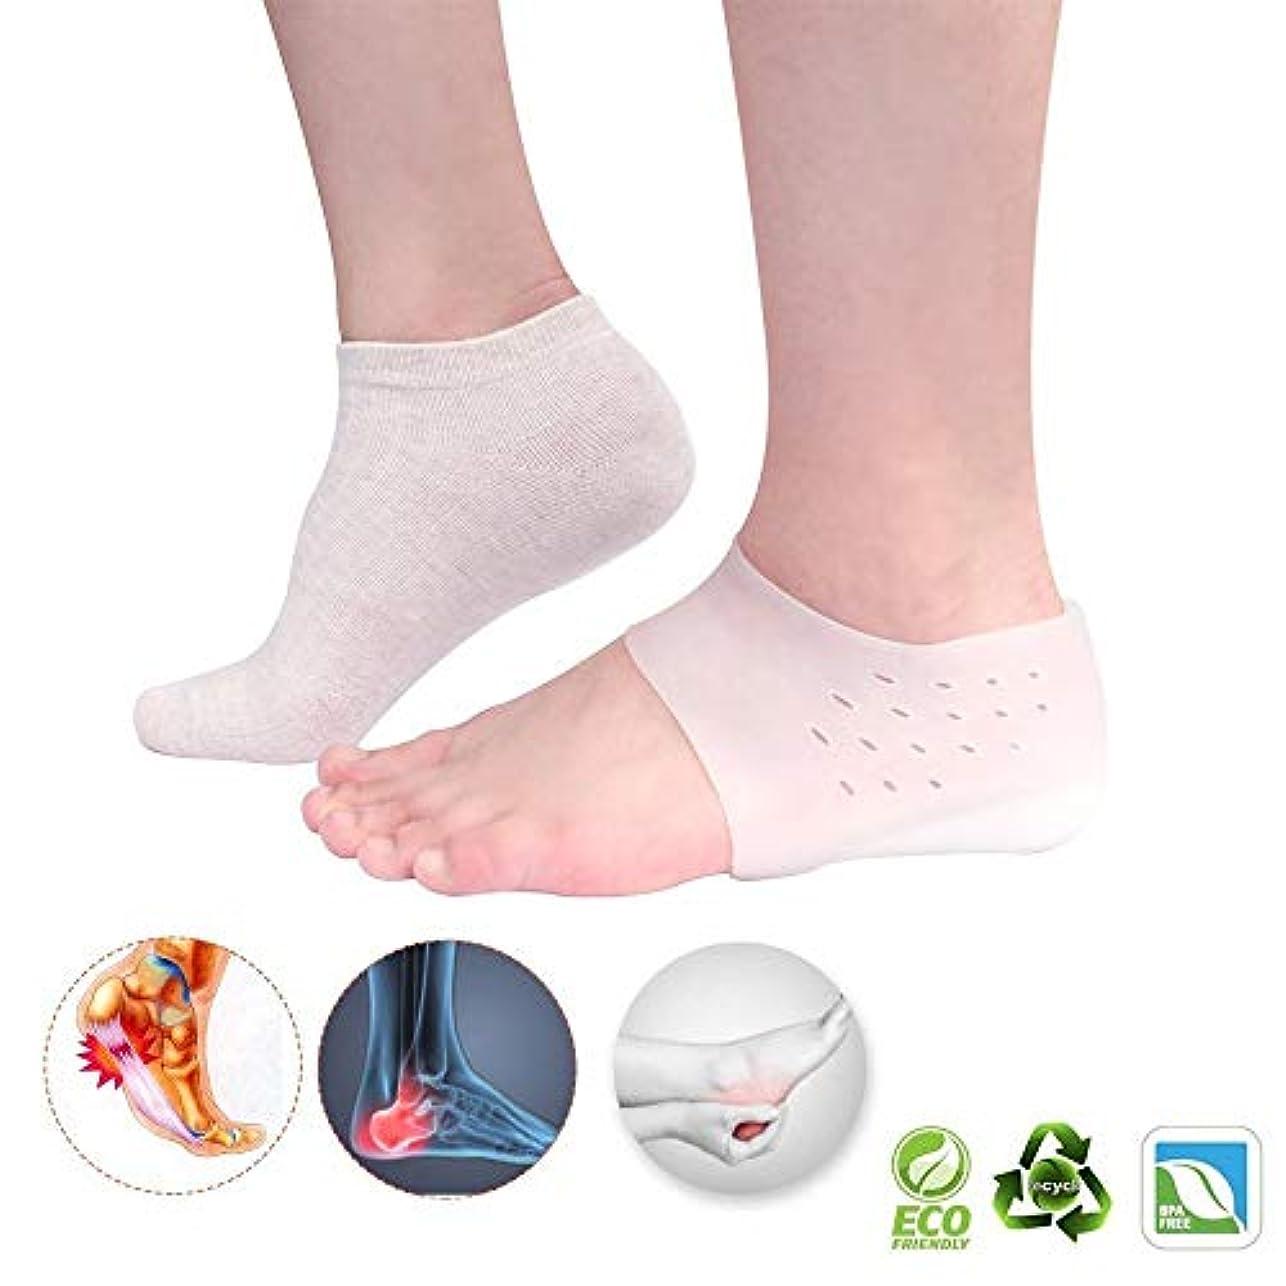 経歴トロピカルつかまえる高さ増加ジェルスリーブ-足底筋膜炎、足のクッションの男性の女性のためのゲルヒールの高さ見えないエレベーター、パッド、シリコーン見えないヒールプロテクターMen-4.5 cm